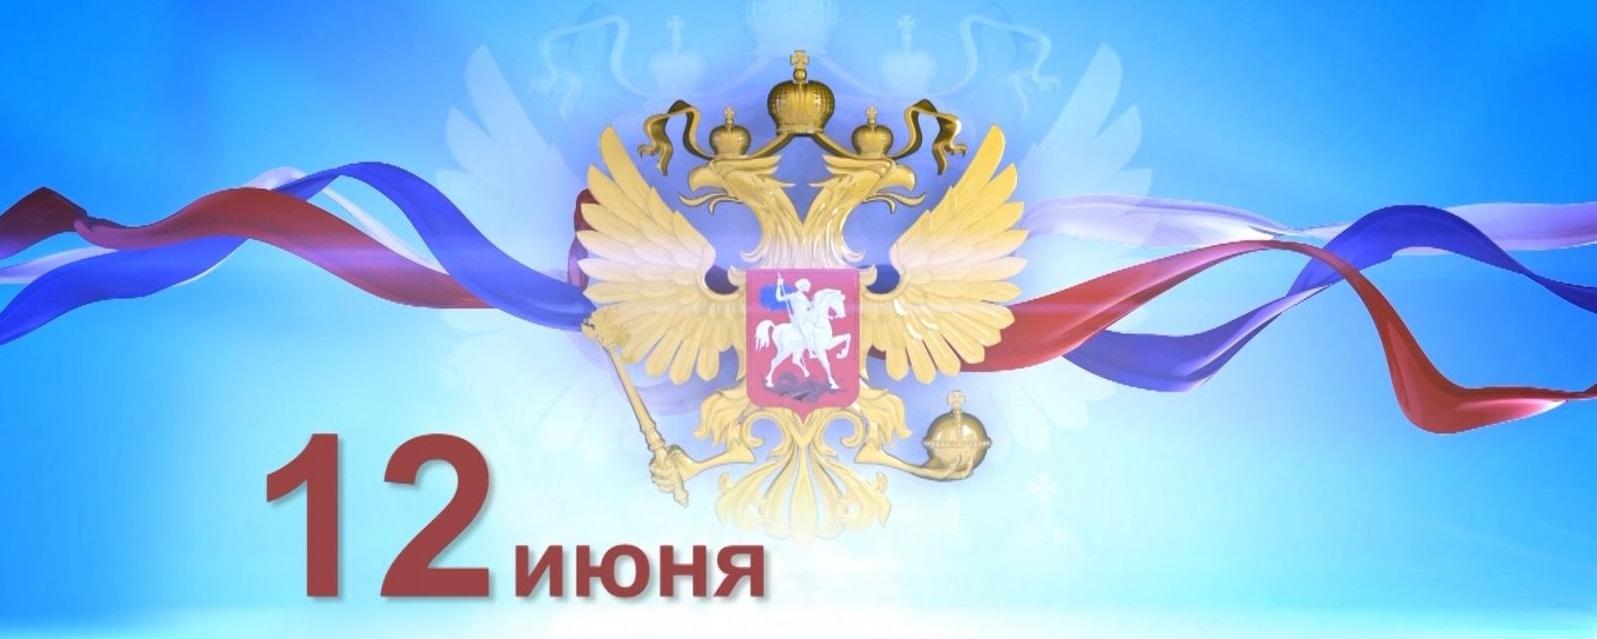 Поздравление с днём росии